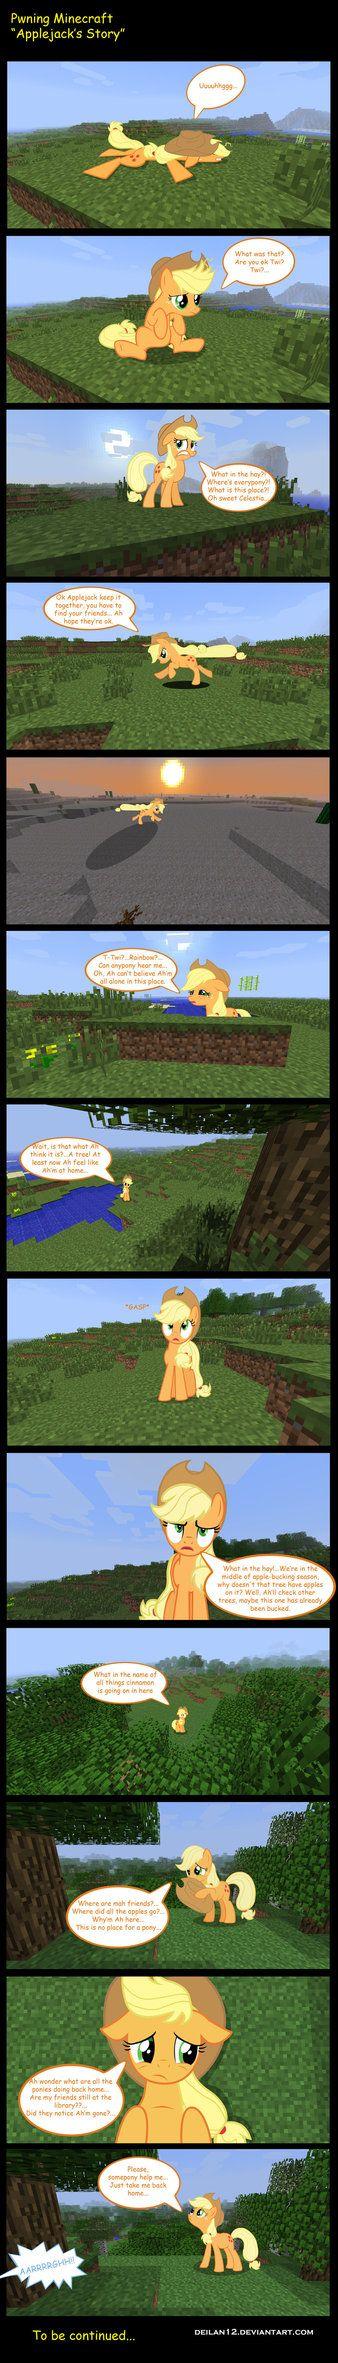 Applejack In Minecraft by deilan12 on deviantART